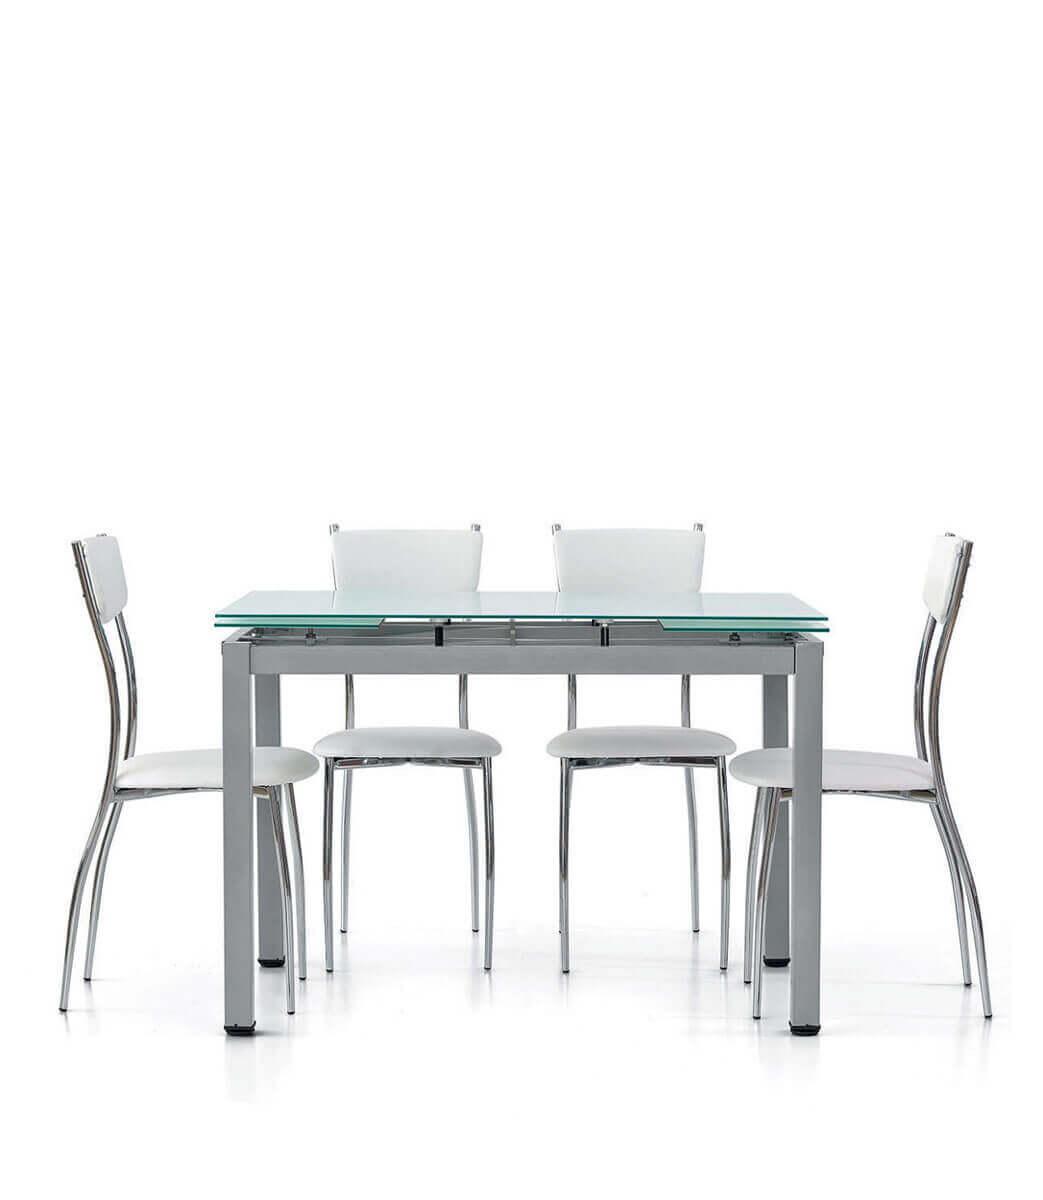 Tavolo rettangolare allungabile piano in vetro 6/8 persone 110/170 cm -  Spazio Casa